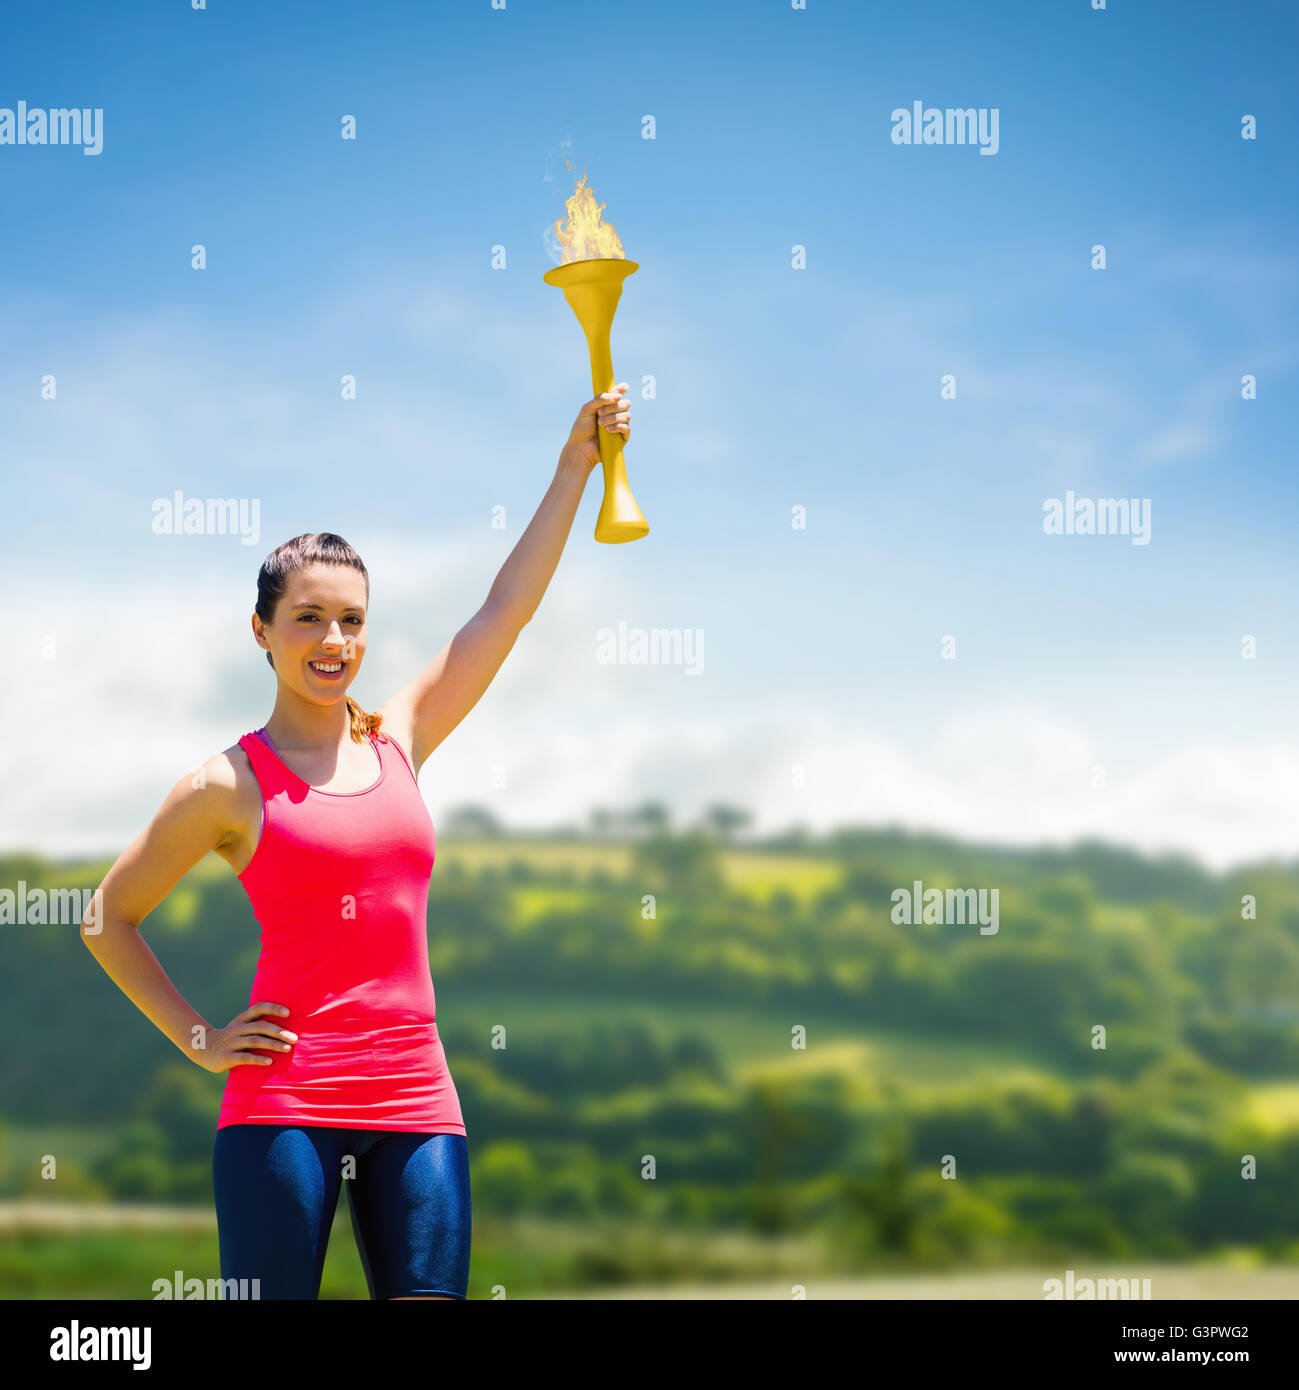 Zusammengesetztes Bild der sportlichen Frau posiert lächelnd mit Olympischen Fackel Stockfoto